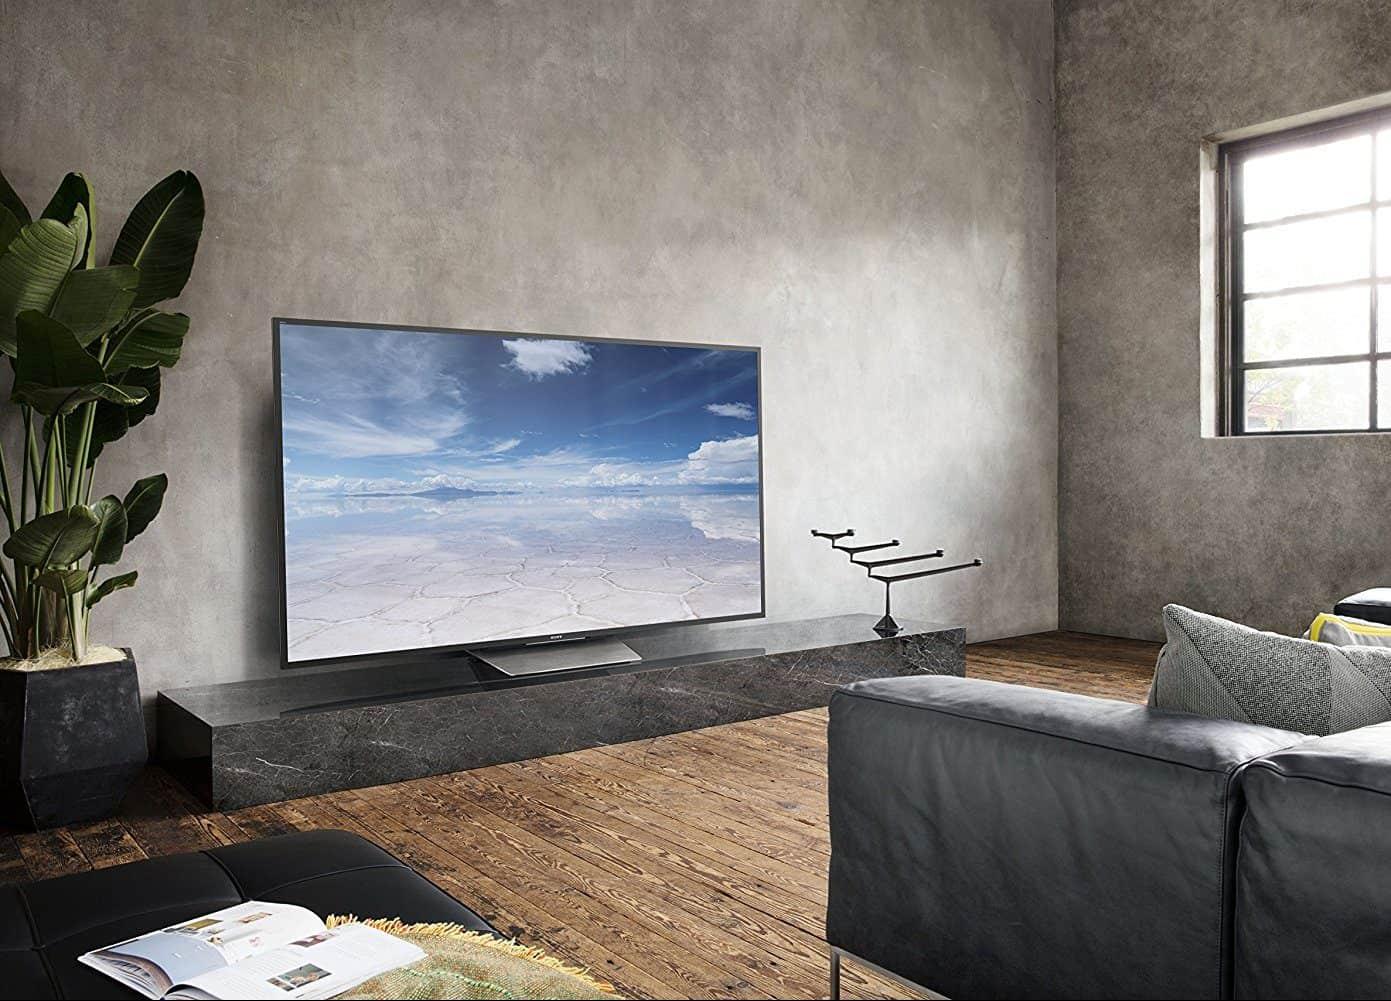 Meilleure Tv 40 Pouces